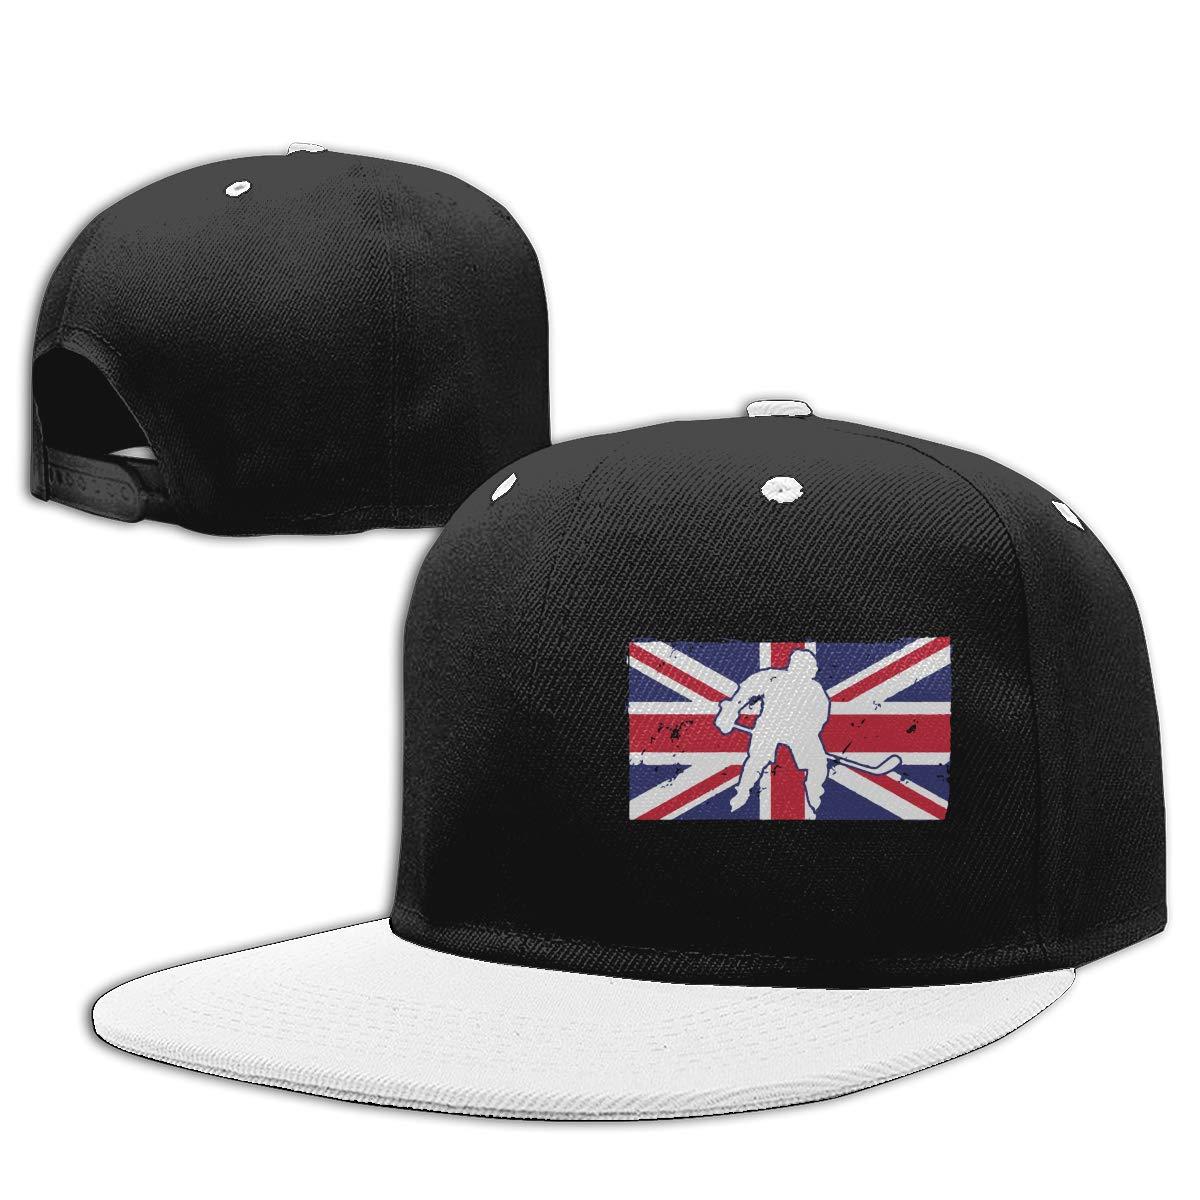 NMG-01 Women Men Snapback Cap Hockey Great Britain Flag Adults Flat Brim Baseball Caps